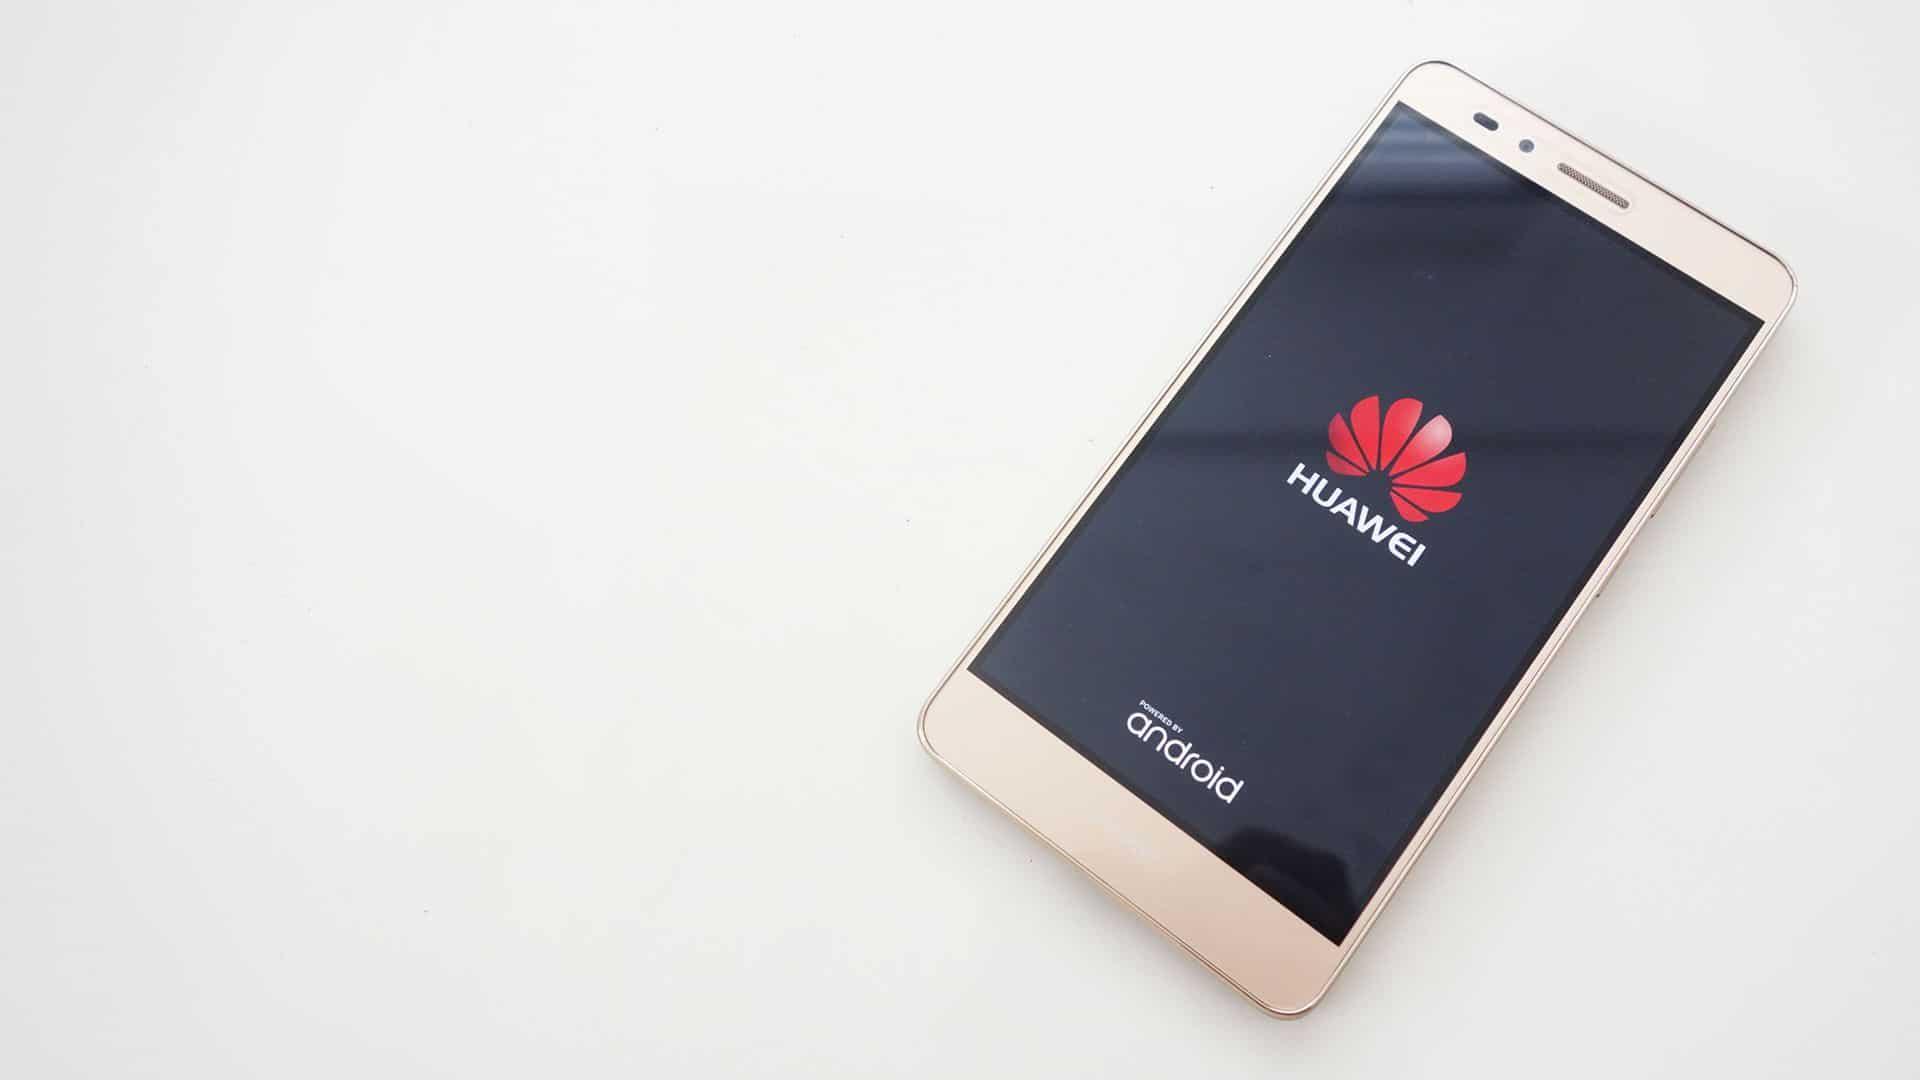 amazon Huawei GR5 reviews Huawei GR5 on amazon newest Huawei GR5 prices of Huawei GR5 Huawei GR5 deals best deals on Huawei GR5 buying a Huawei GR5 lastest Huawei GR5 what is a Huawei GR5 Huawei GR5 at amazon where to buy Huawei GR5 where can i you get a Huawei GR5 online purchase Huawei GR5 Huawei GR5 sale off Huawei GR5 discount cheapest Huawei GR5 Huawei GR5 for sale asus selfie vs huawei gr5 antutu benchmark huawei gr5 about huawei gr5 accessories for huawei gr5 asus zenfone selfie vs huawei gr5 android 6.0 huawei gr5 asus zenfone 2 vs huawei gr5 antutu huawei gr5 avis huawei gr5 arrows m02 huawei gr5 bao da huawei gr5 bán huawei gr5 bd price of huawei gr5 bán điện thoại huawei gr5 buy huawei gr5 bimeks huawei gr5 gia ban huawei gr5 difference between huawei gr5 and honor 5x cam bien van tay huawei gr5 co nen mua huawei gr5 cau hinh huawei gr5 co nen mua huawei gr5 khong cảm biến vân tay trên huawei gr5 cau hinh dien thoai huawei gr5 co nen mua dien thoai huawei gr5 cường lực huawei gr5 co len mua huawei gr5 camera huawei gr5 danh gia huawei gr5 dien thoai huawei gr5 dt huawei gr5 dtdd huawei gr5 dap hop huawei gr5 danh gia dien thoai huawei gr5 dđánh giá huawei gr5 danh gia ve huawei gr5 diem antutu huawei gr5 danh gia huawei gr5 tinhte en ucuz huawei gr5 epey huawei gr5 huawei gr5 price in egypt huawei gr5 review in english huawei gr5 emi huawei gr5 english huawei gr5 español huawei gr5 emui 4.0 huawei gr5 prix en tunisie huawei gr5 ekşi features of huawei gr5 full specification of huawei gr5 flip cover huawei gr5 fiche technique huawei gr5 huawei gr 5 special features huawei gr 5 case marshmallow for huawei gr5 themes for huawei gr5 oppo f1 huawei gr5 android marshmallow for huawei gr5 gia huawei gr5 huawei gr5 gsmarena galaxy j7 vs huawei gr5 gsm huawei gr5 đánh giá điện thoại huawei gr5 đánh giá camera huawei gr5 đánh giá huawei gr5 tinhte đánh giá pin huawei gr5 huawei p8 lite vs huawei gr5 harga huawei gr5 huawei g8 vs huawei gr5 hard reset huawei gr5 hua